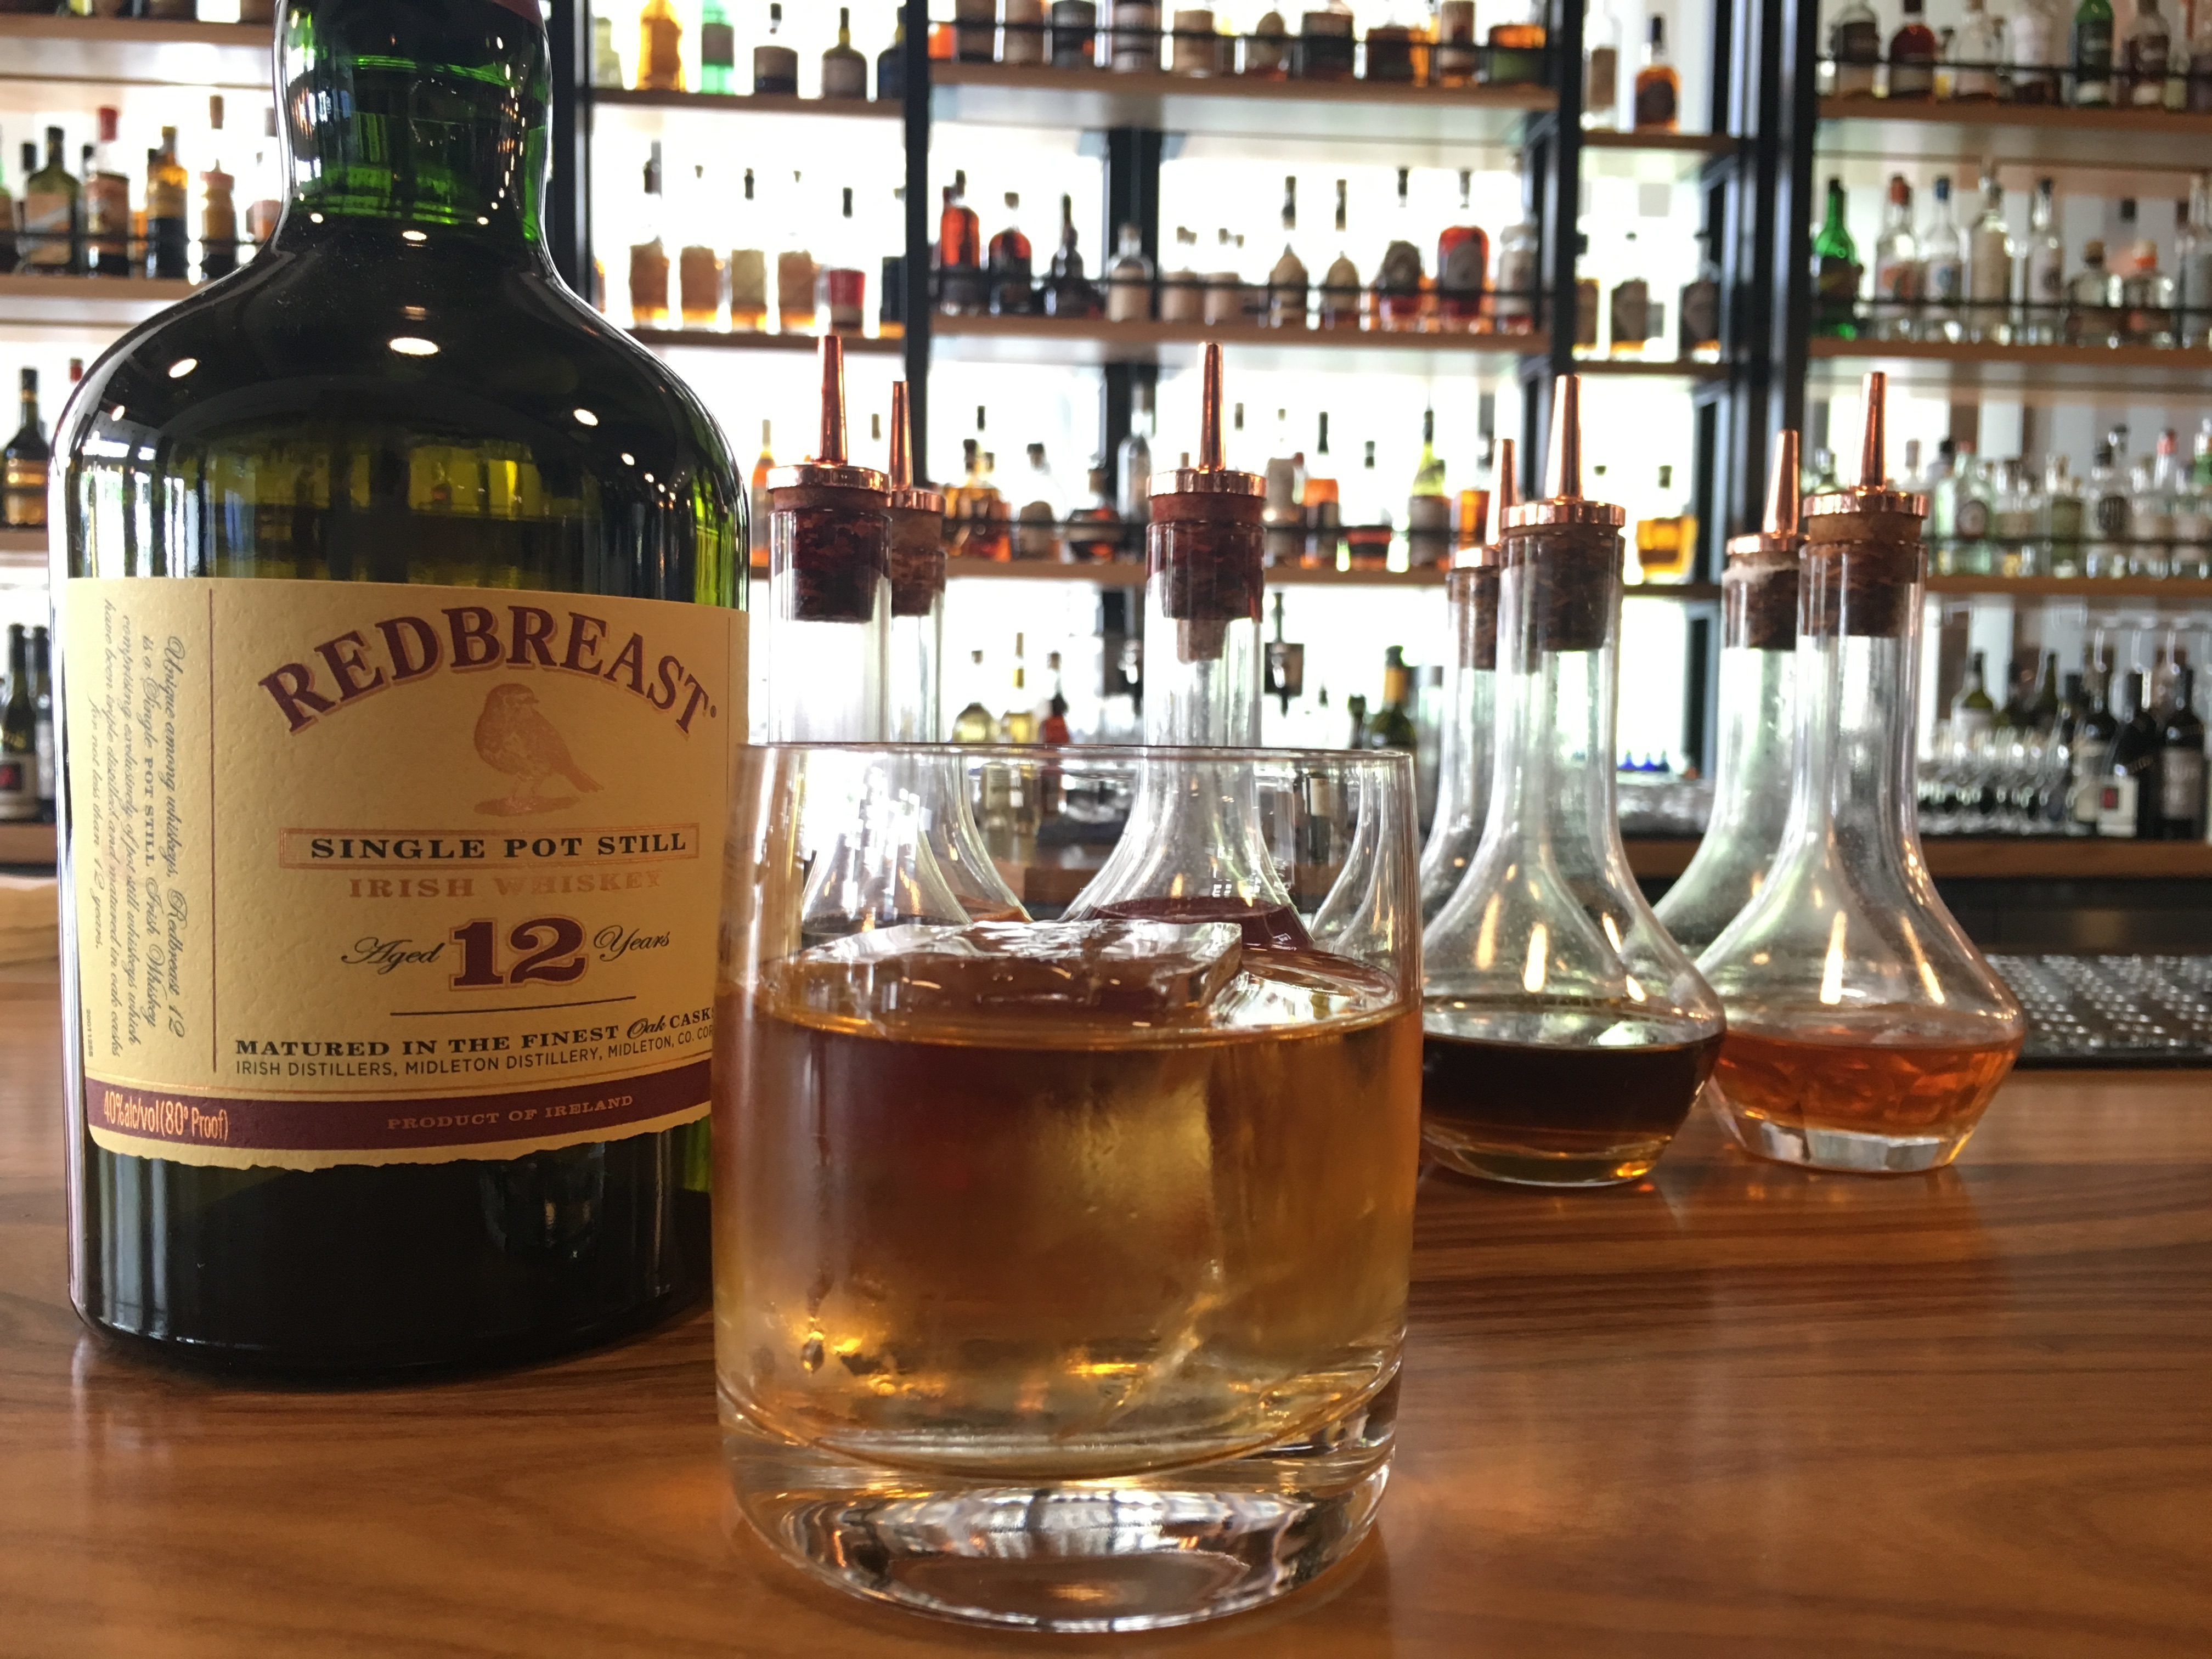 Whiskey, the Irish Way